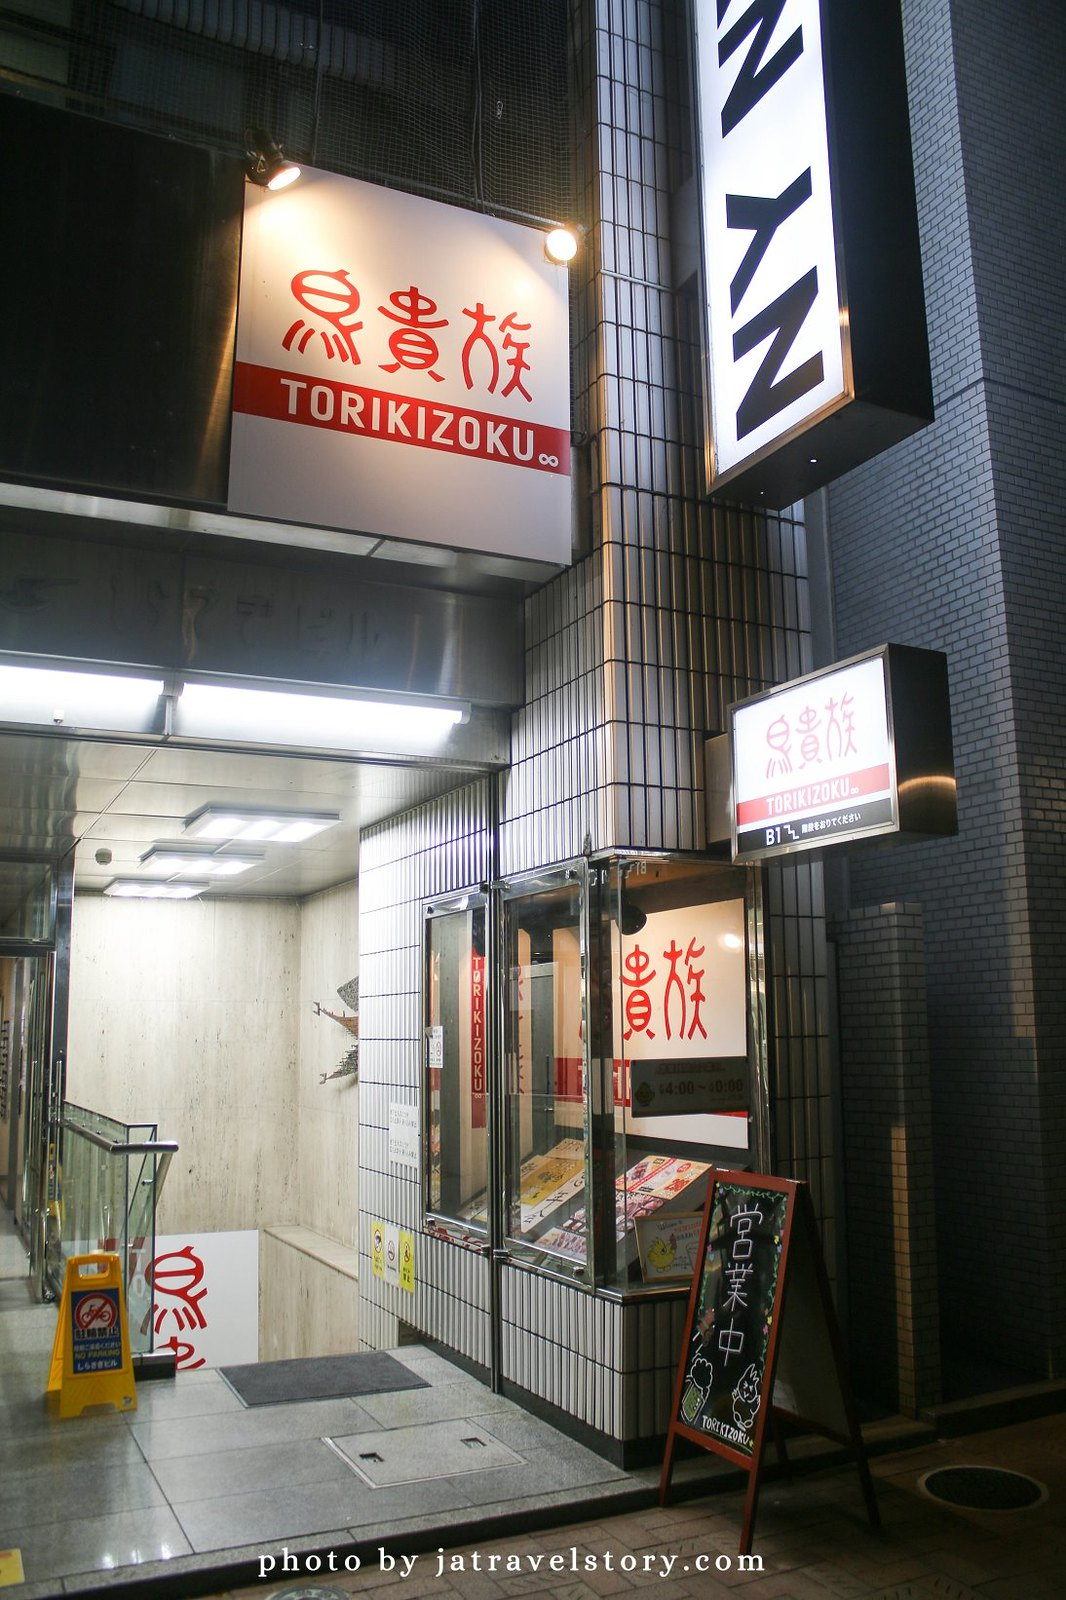 鳥貴族居酒屋 姫路駅前店 均一價日幣298円,日本平價串燒居酒屋推薦!有中文菜單與平版點餐【姬路美食】 @J&A的旅行